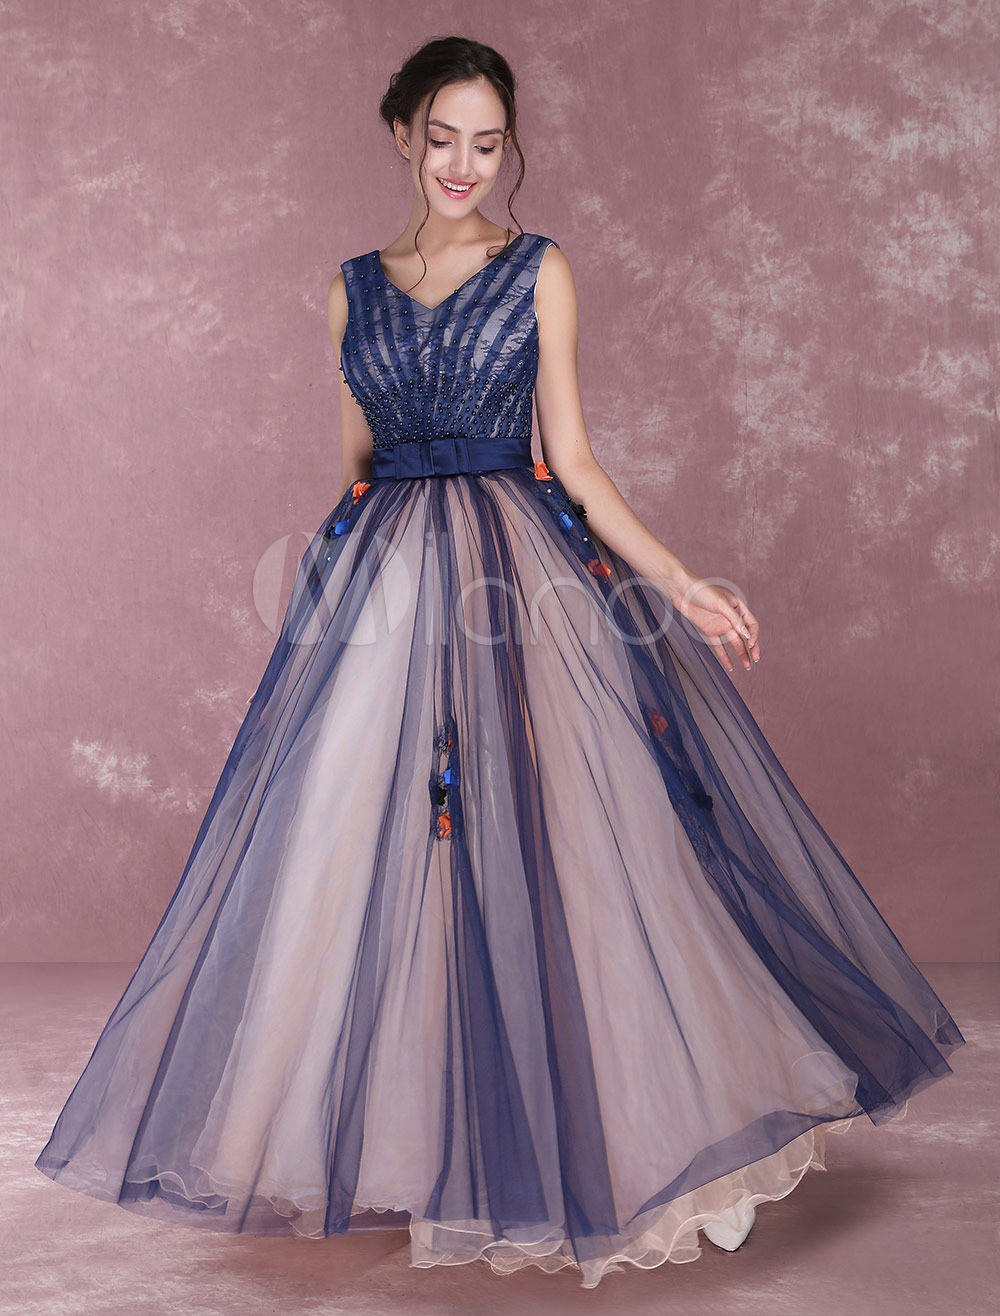 dac35f5b72a Vestido para quinceañeras de color azul marino oscuro con cuello en V sin  mangas con cuentas ...